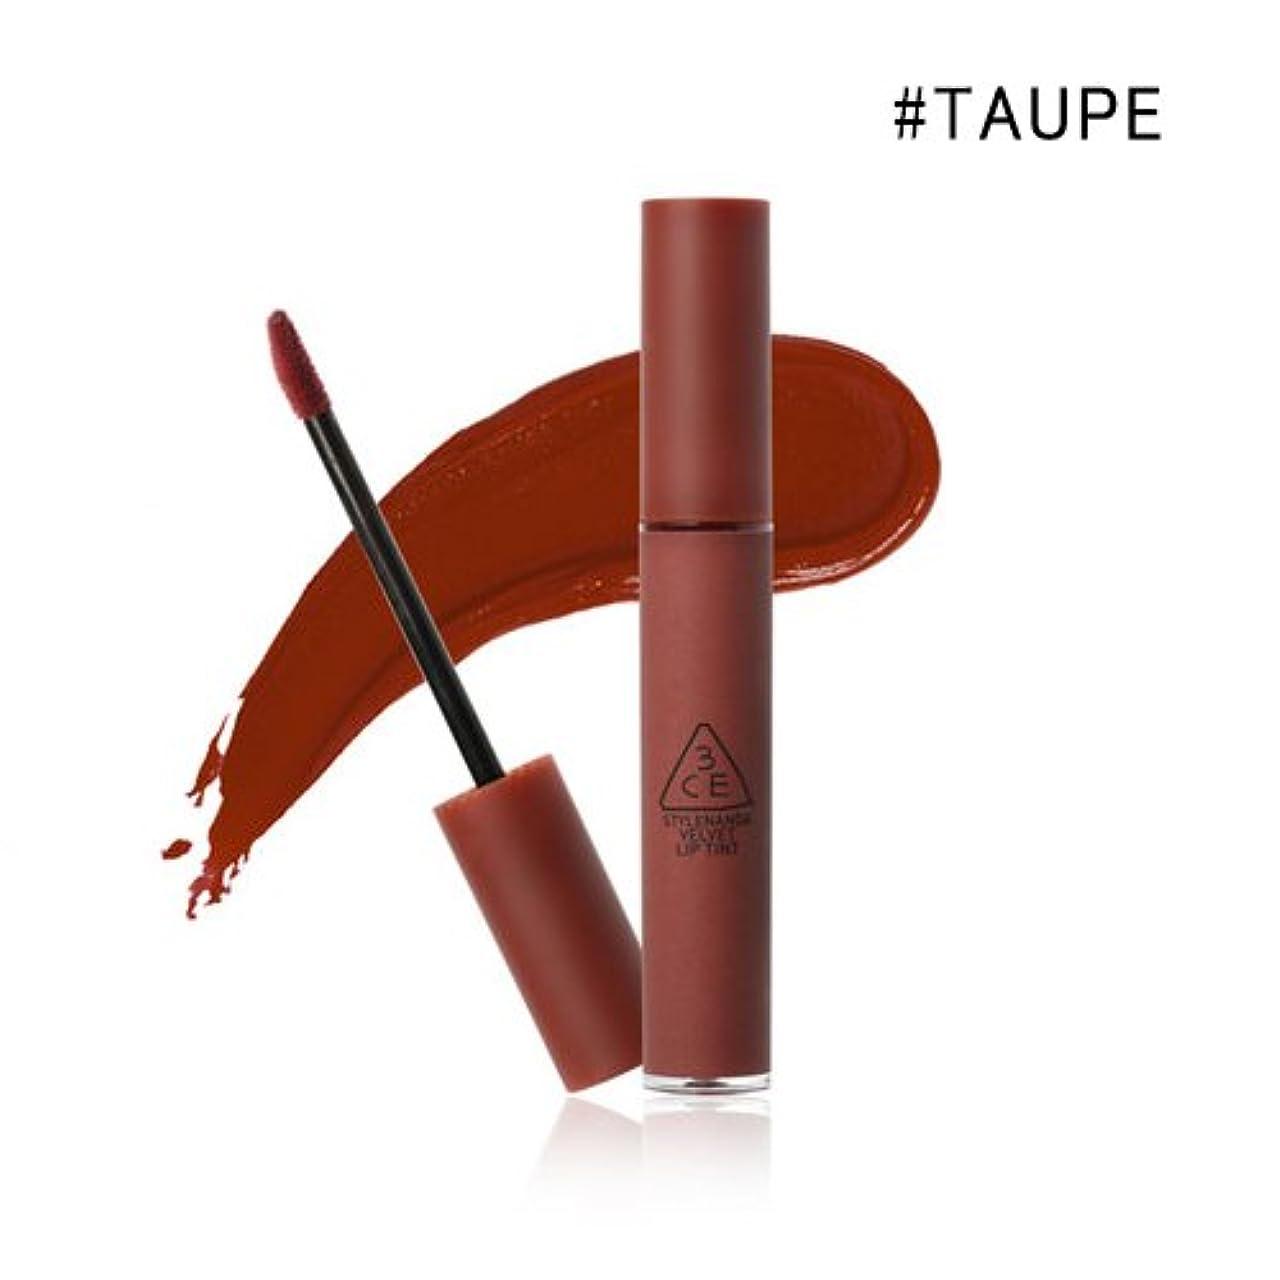 蒸し器想定する豚肉3CE VELVET LIP TINT / ベルベット リップティント (4.0g) (#TAUPE)